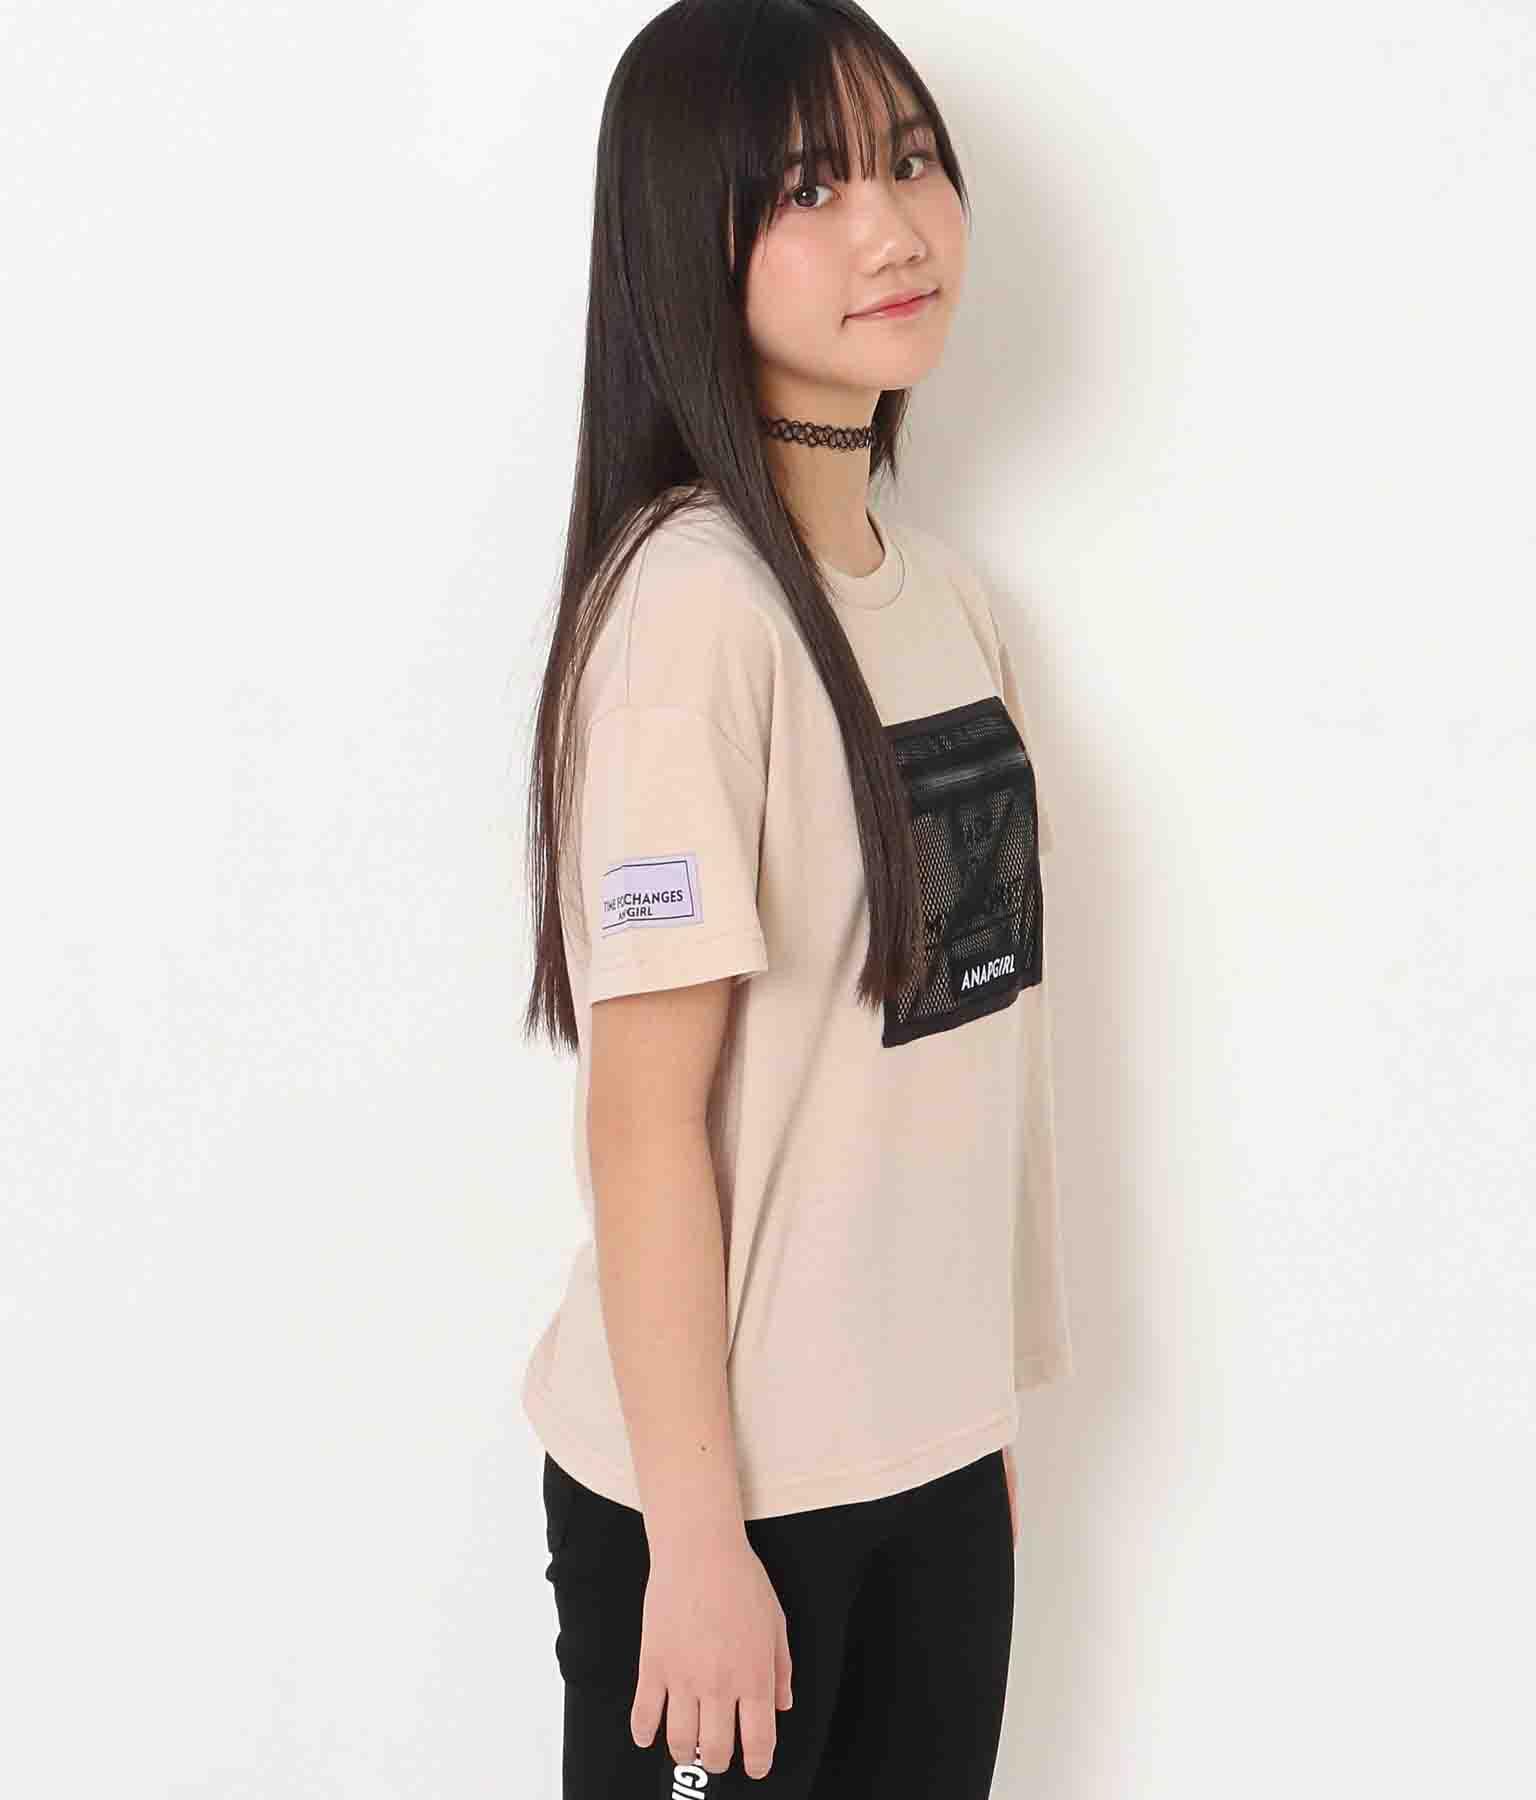 メッシュポケット付Tシャツ(トップス/Tシャツ)   ANAP GiRL